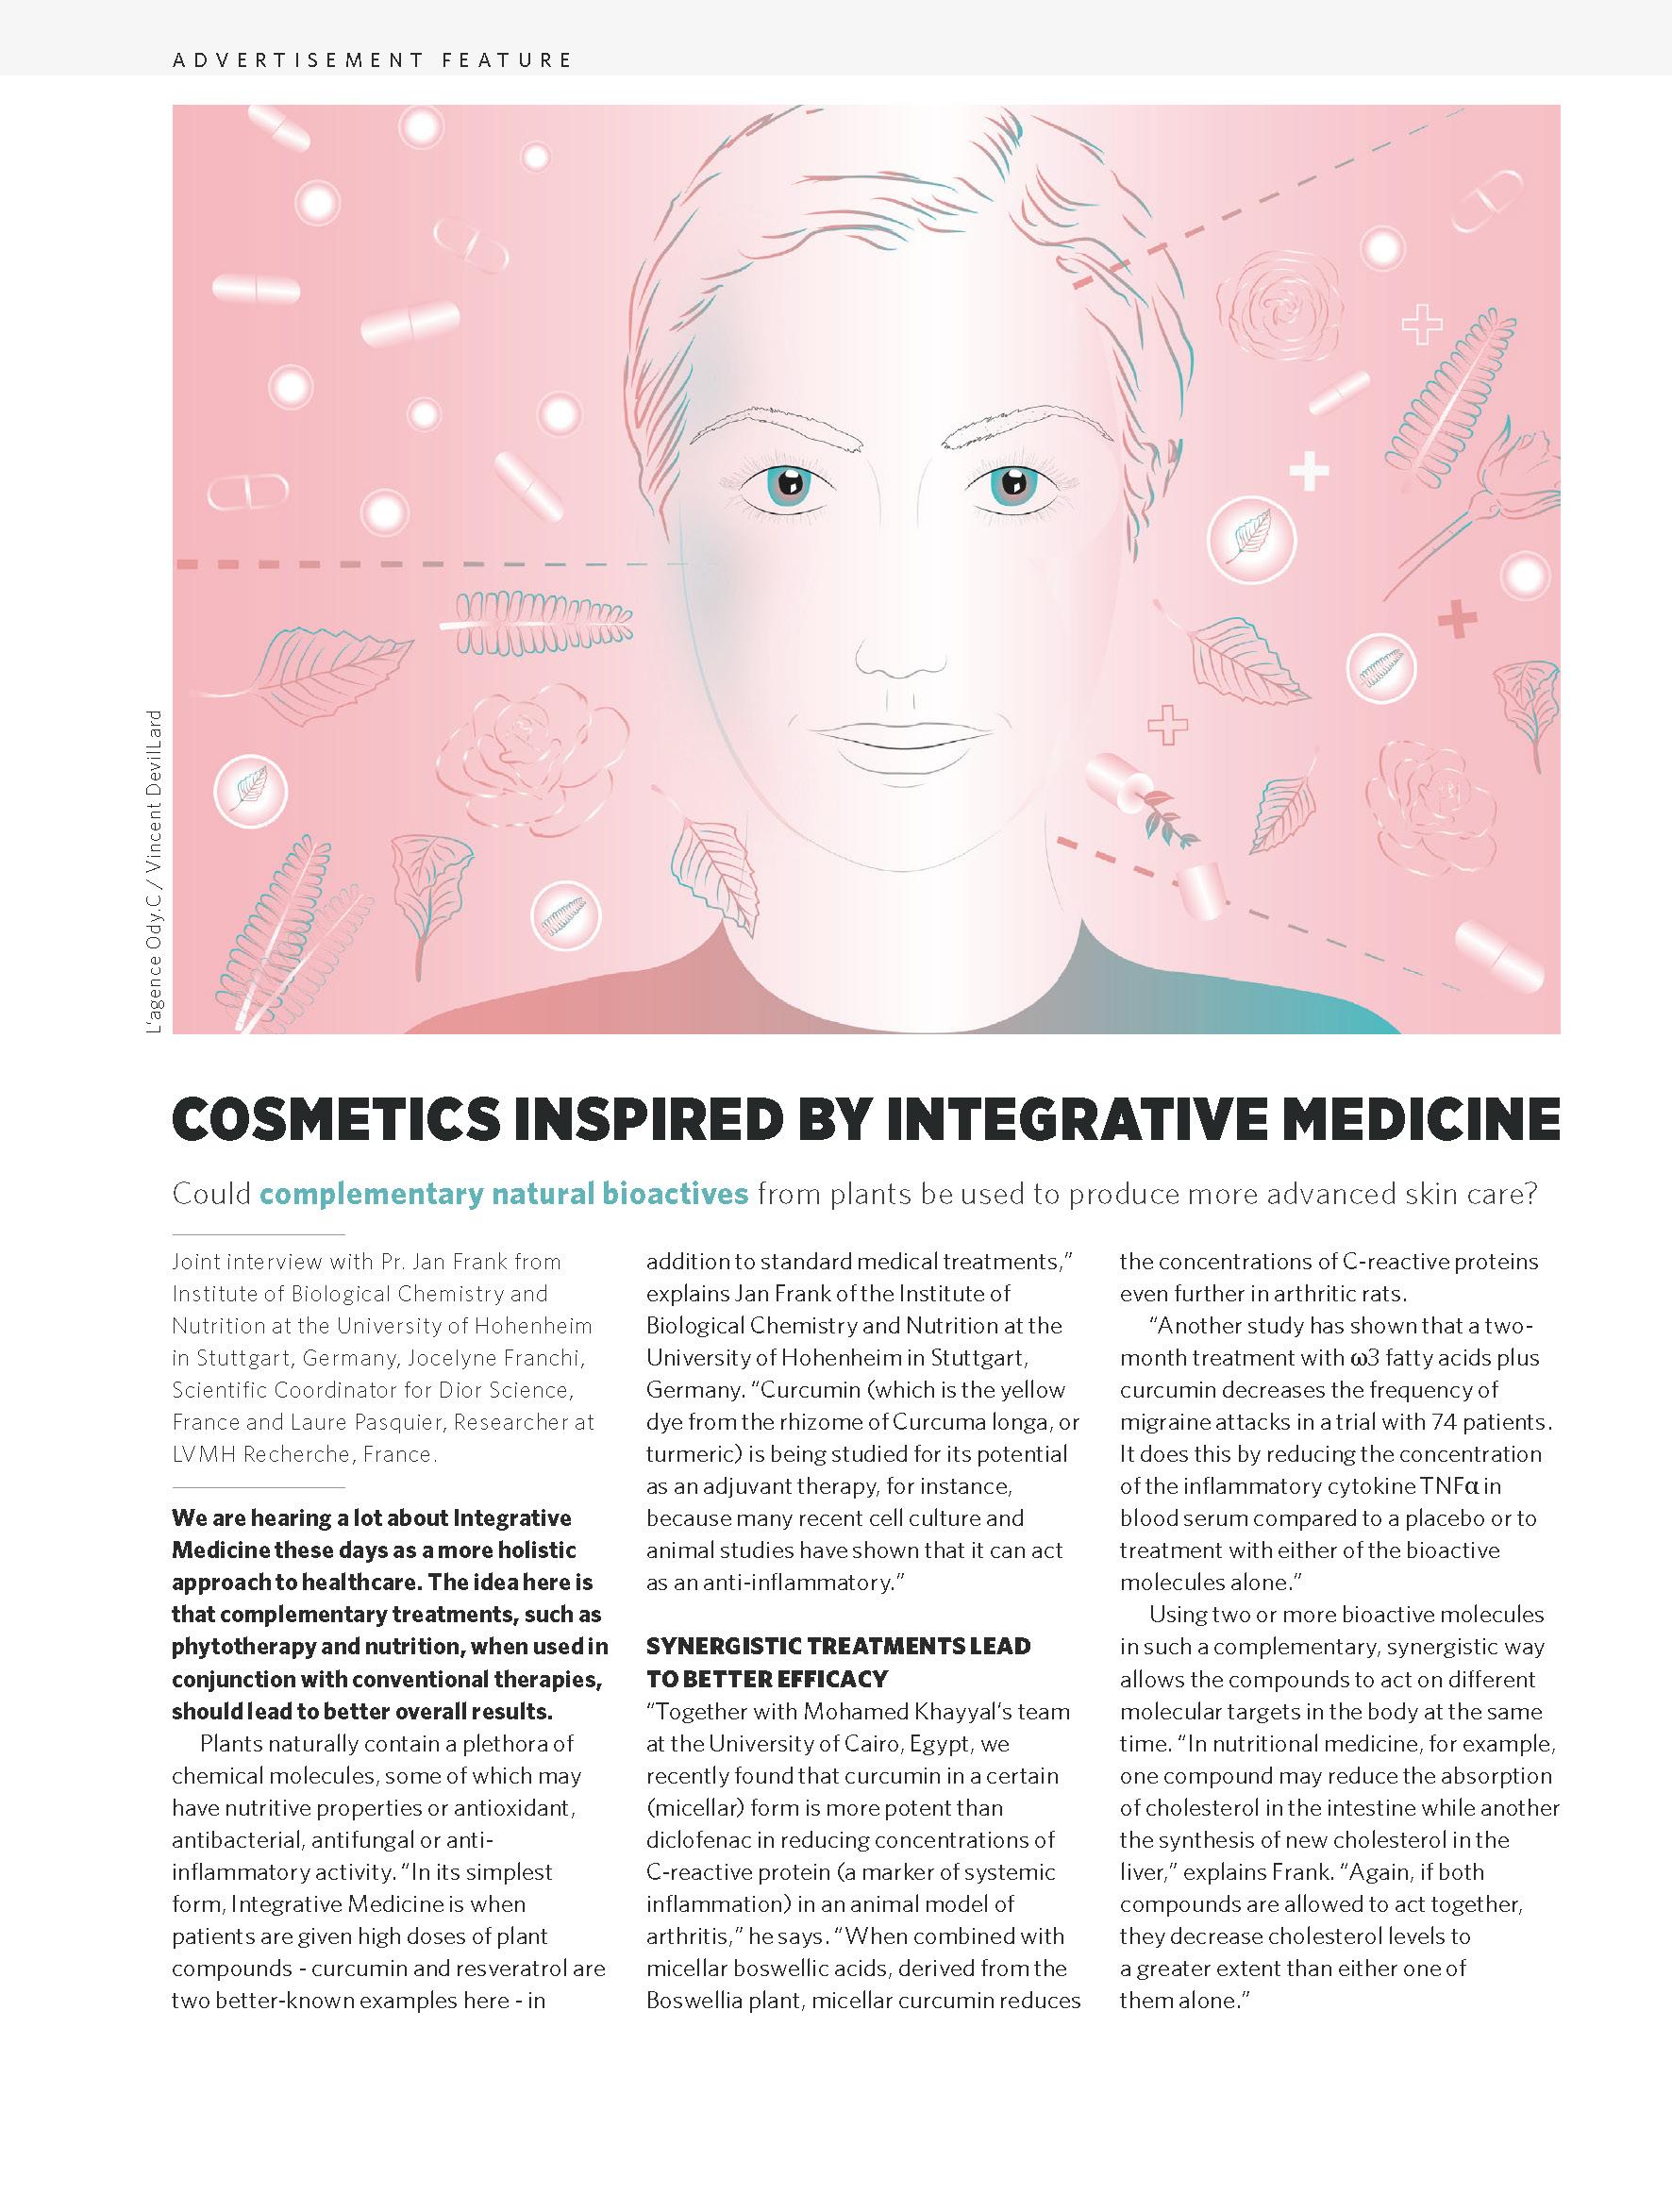 Maquette Magazine Scientific America